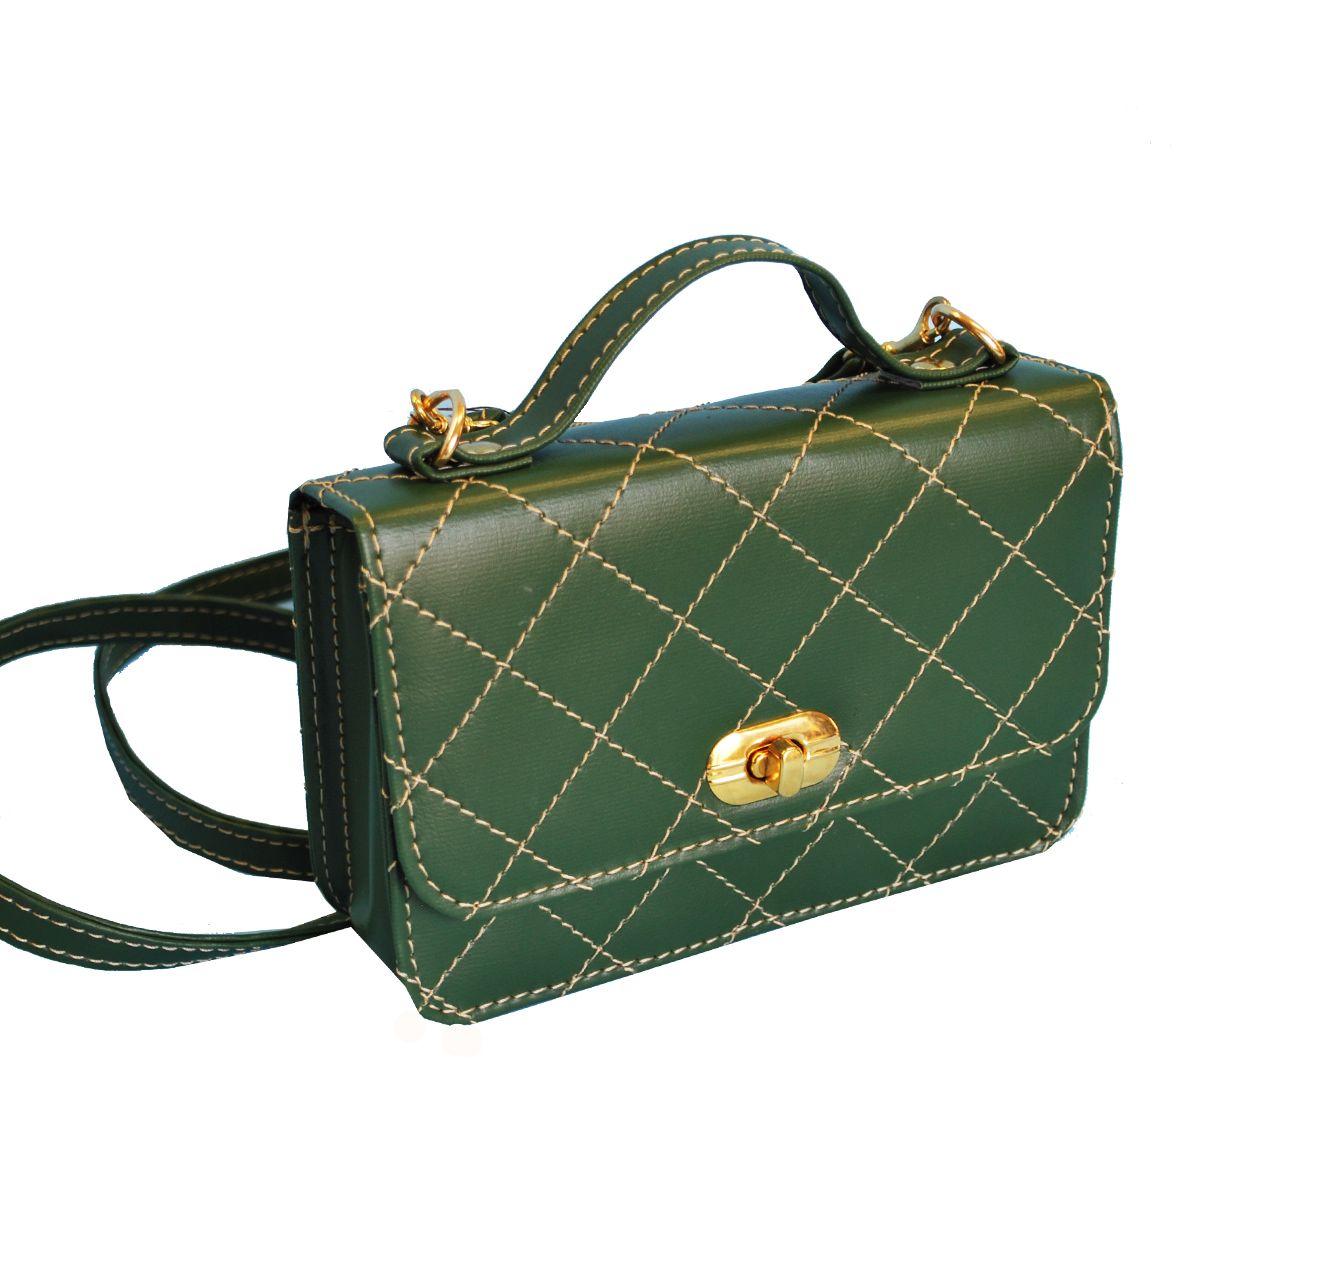 Luxusná dámska kabelka crossbody 8679 v zelenej farbe  f44e53ea4da